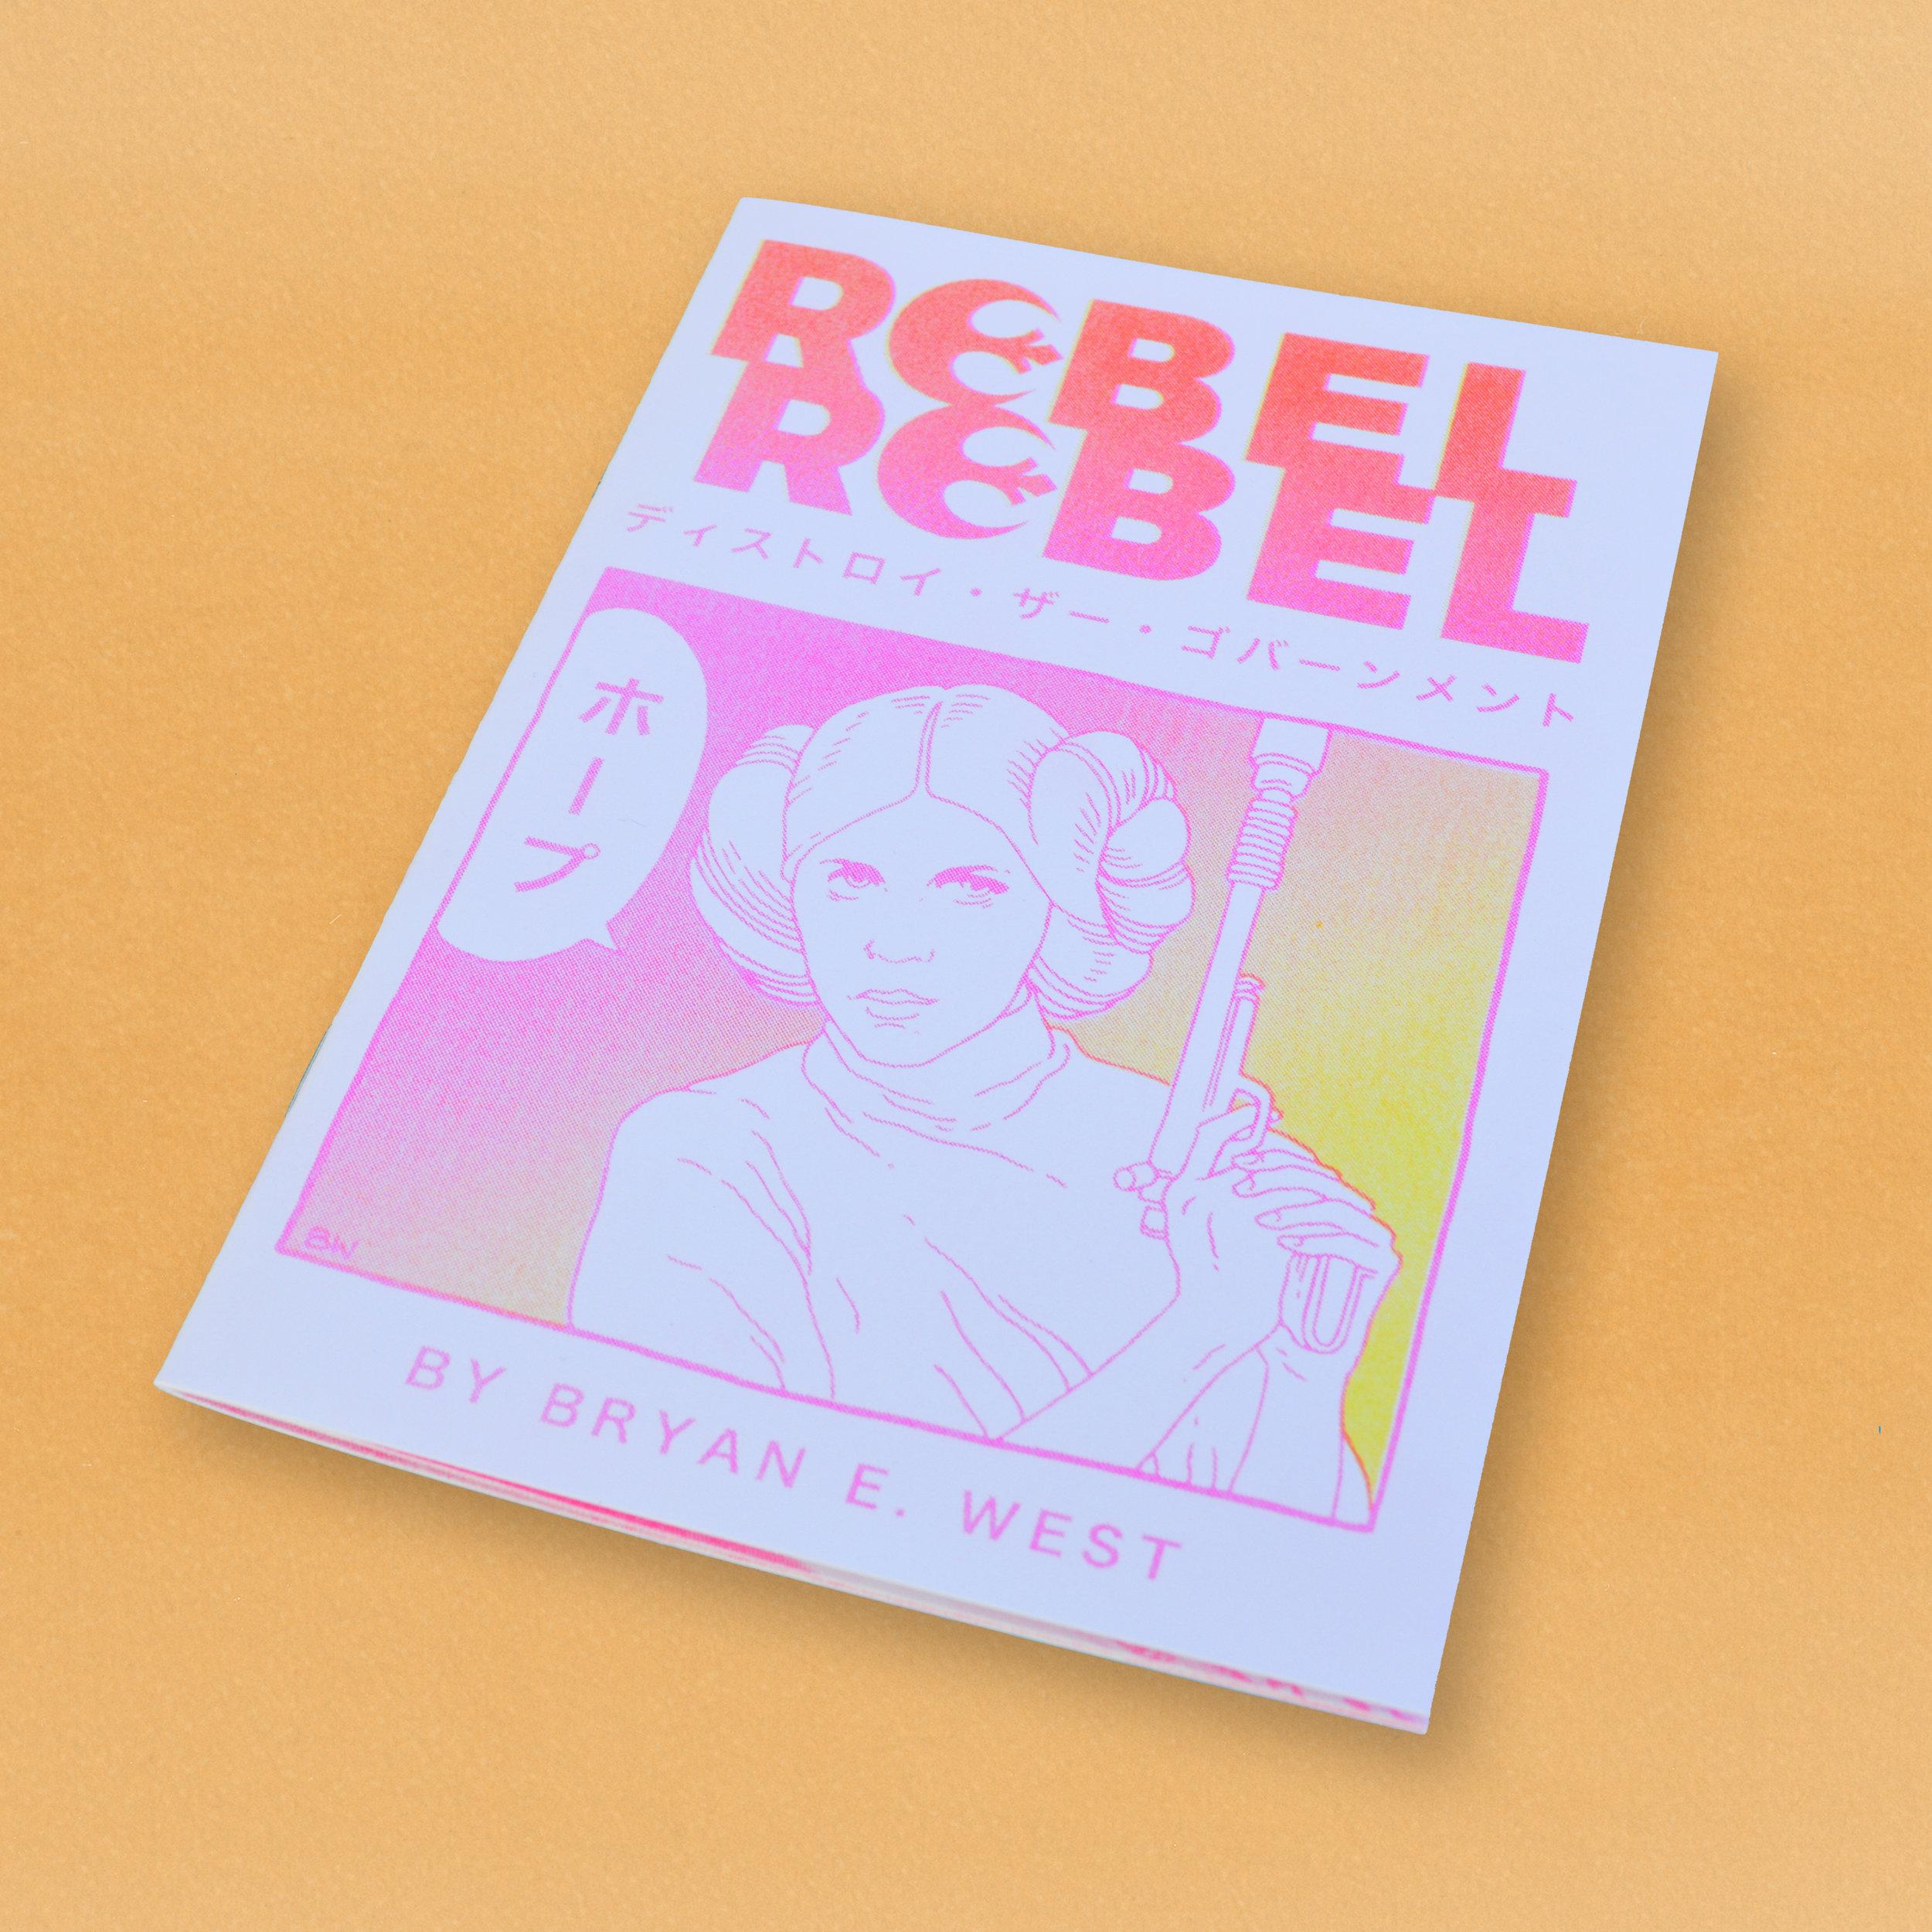 REBELREBEL_01.jpg